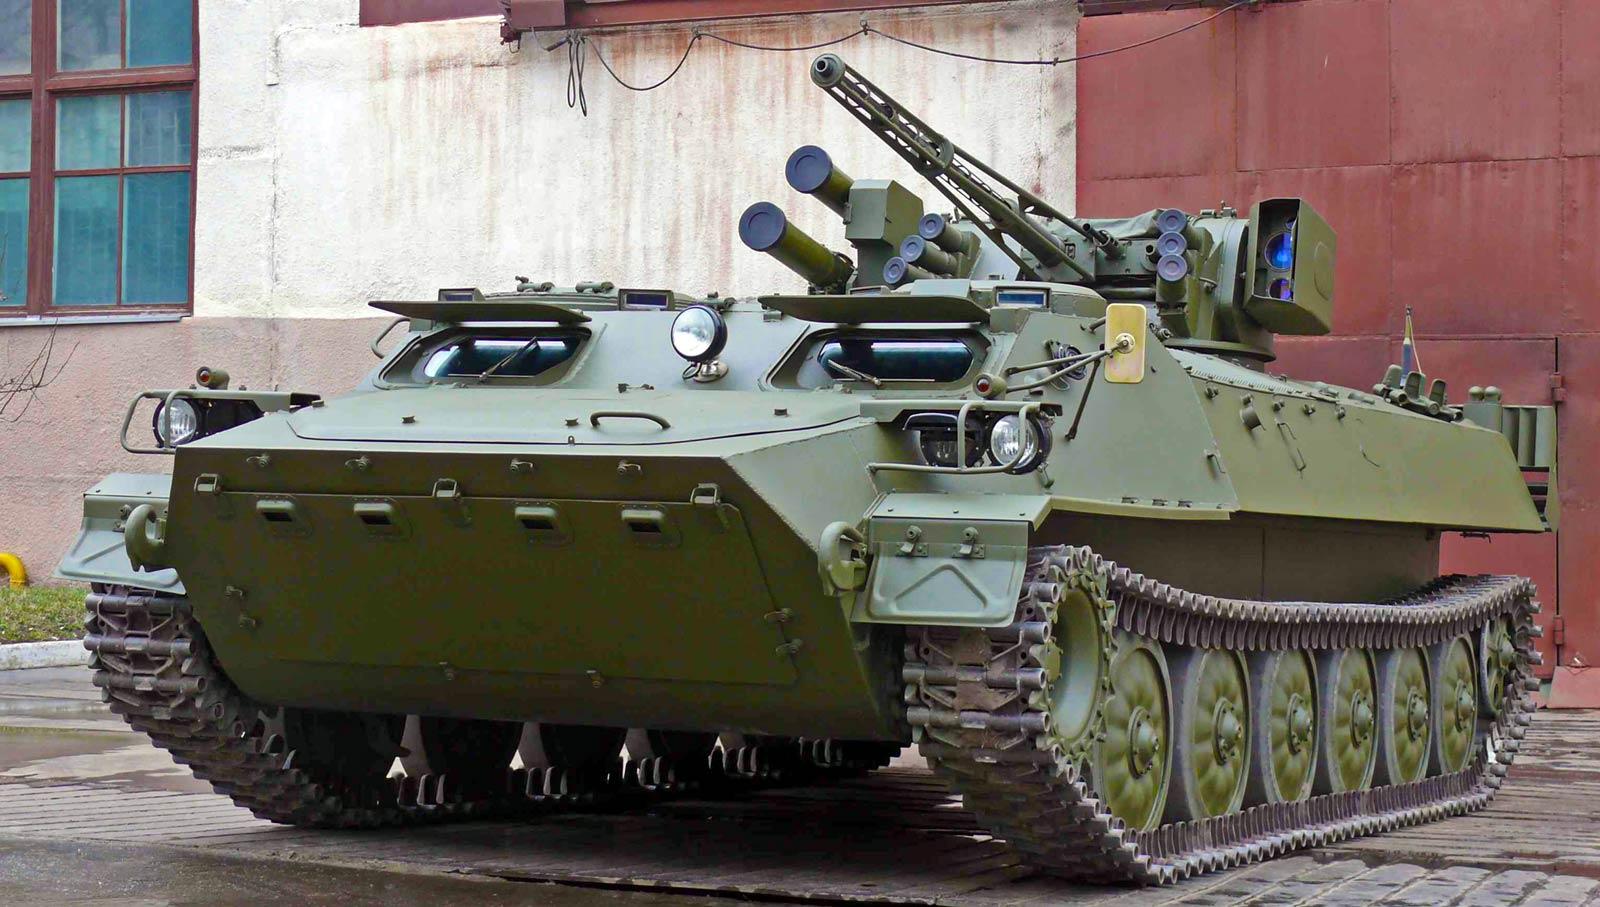 Приведу в пример картинку украинской вариации МТЛБ-МШ: пулемёт 7,62, ПТУР есть.